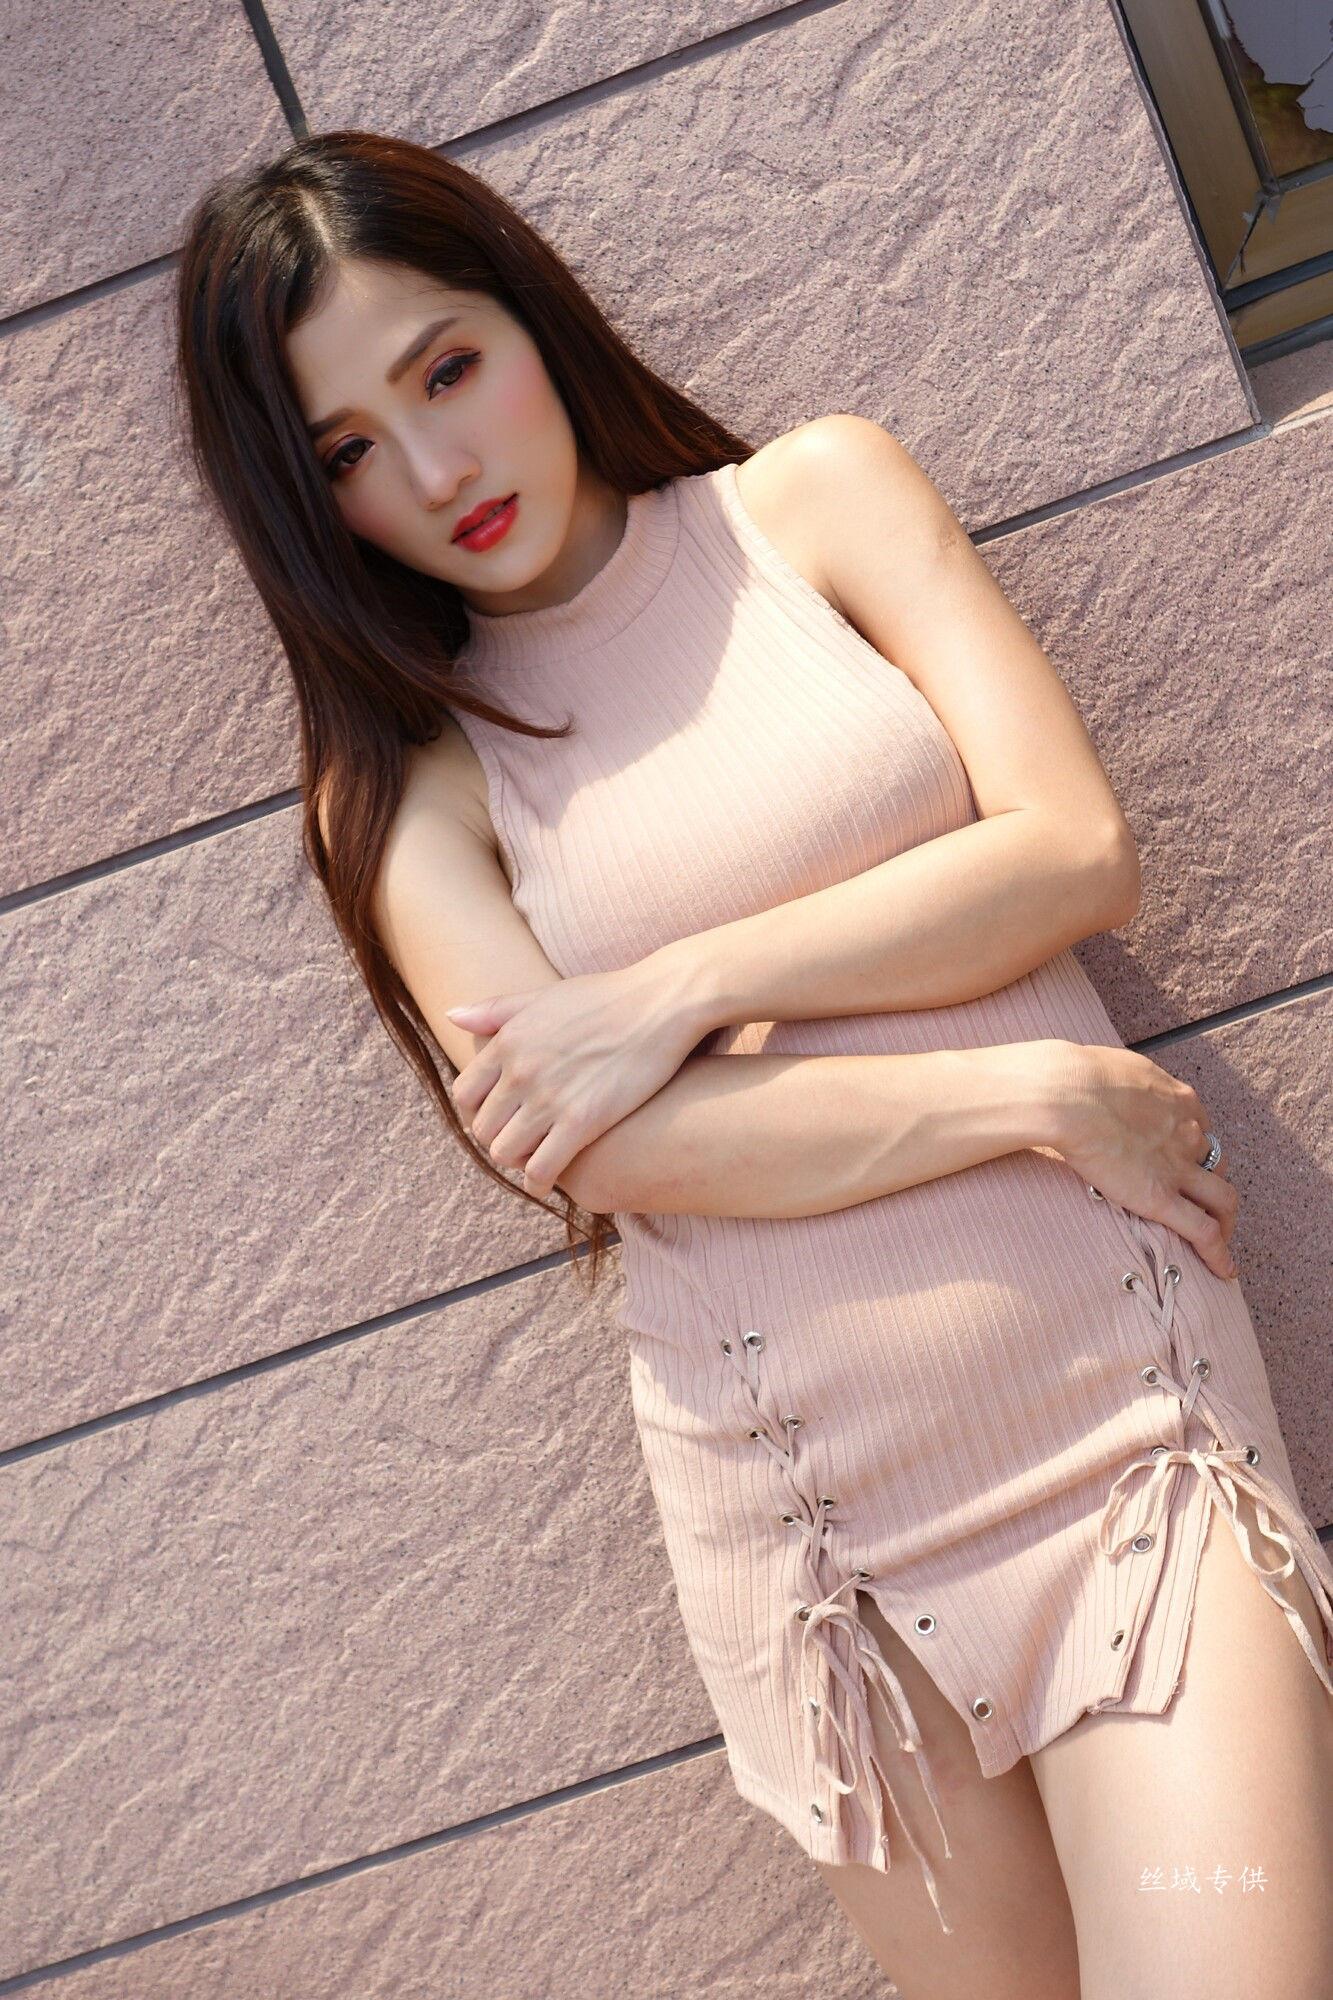 VOL.1230 [台湾正妹]御姐轻熟女:台湾正妹超高清个人性感漂亮大图(98P)